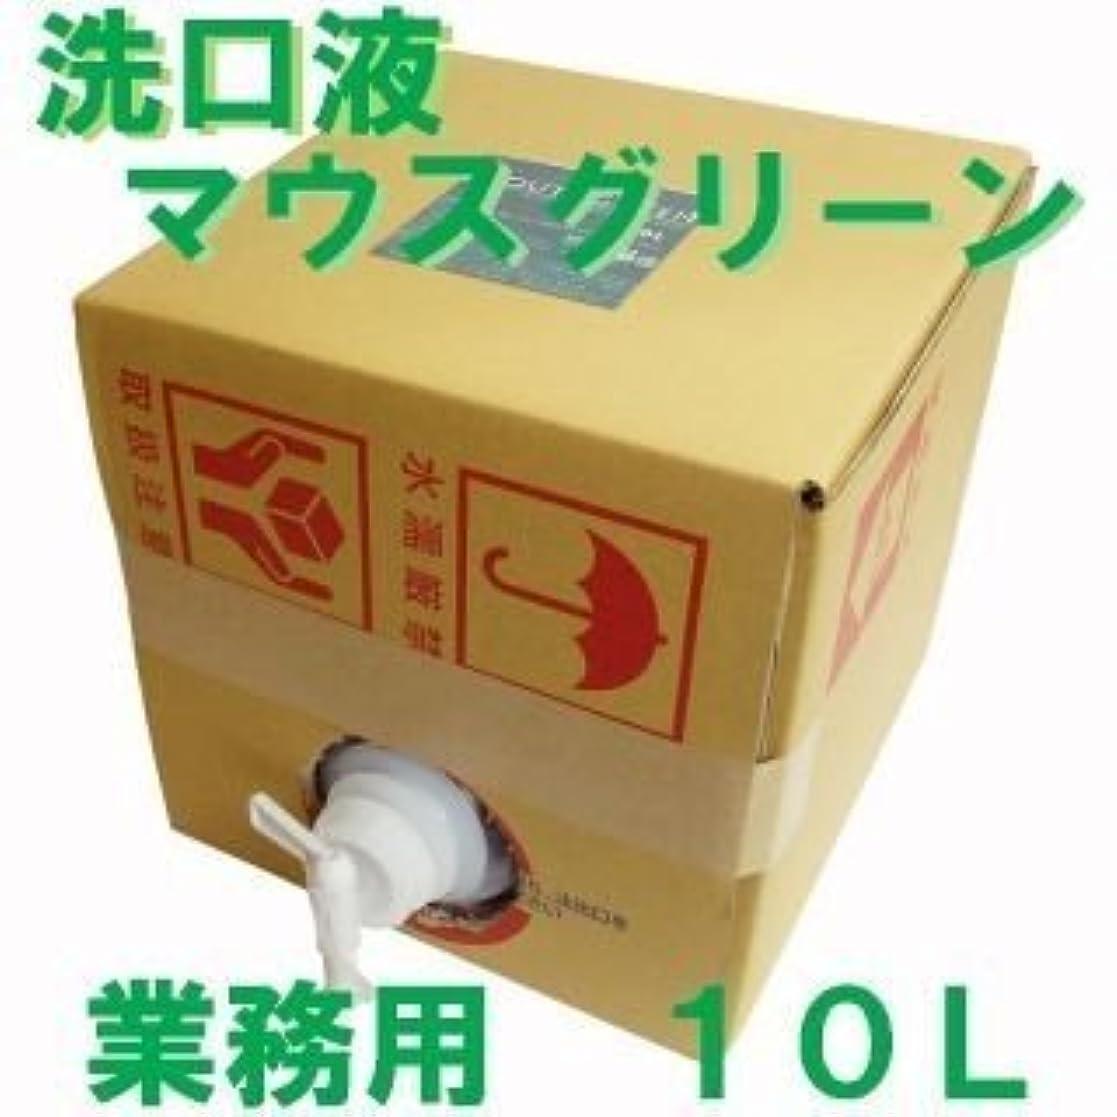 芽故意にまたね業務用 口腔化粧品 マウスグリーン洗口液 10L